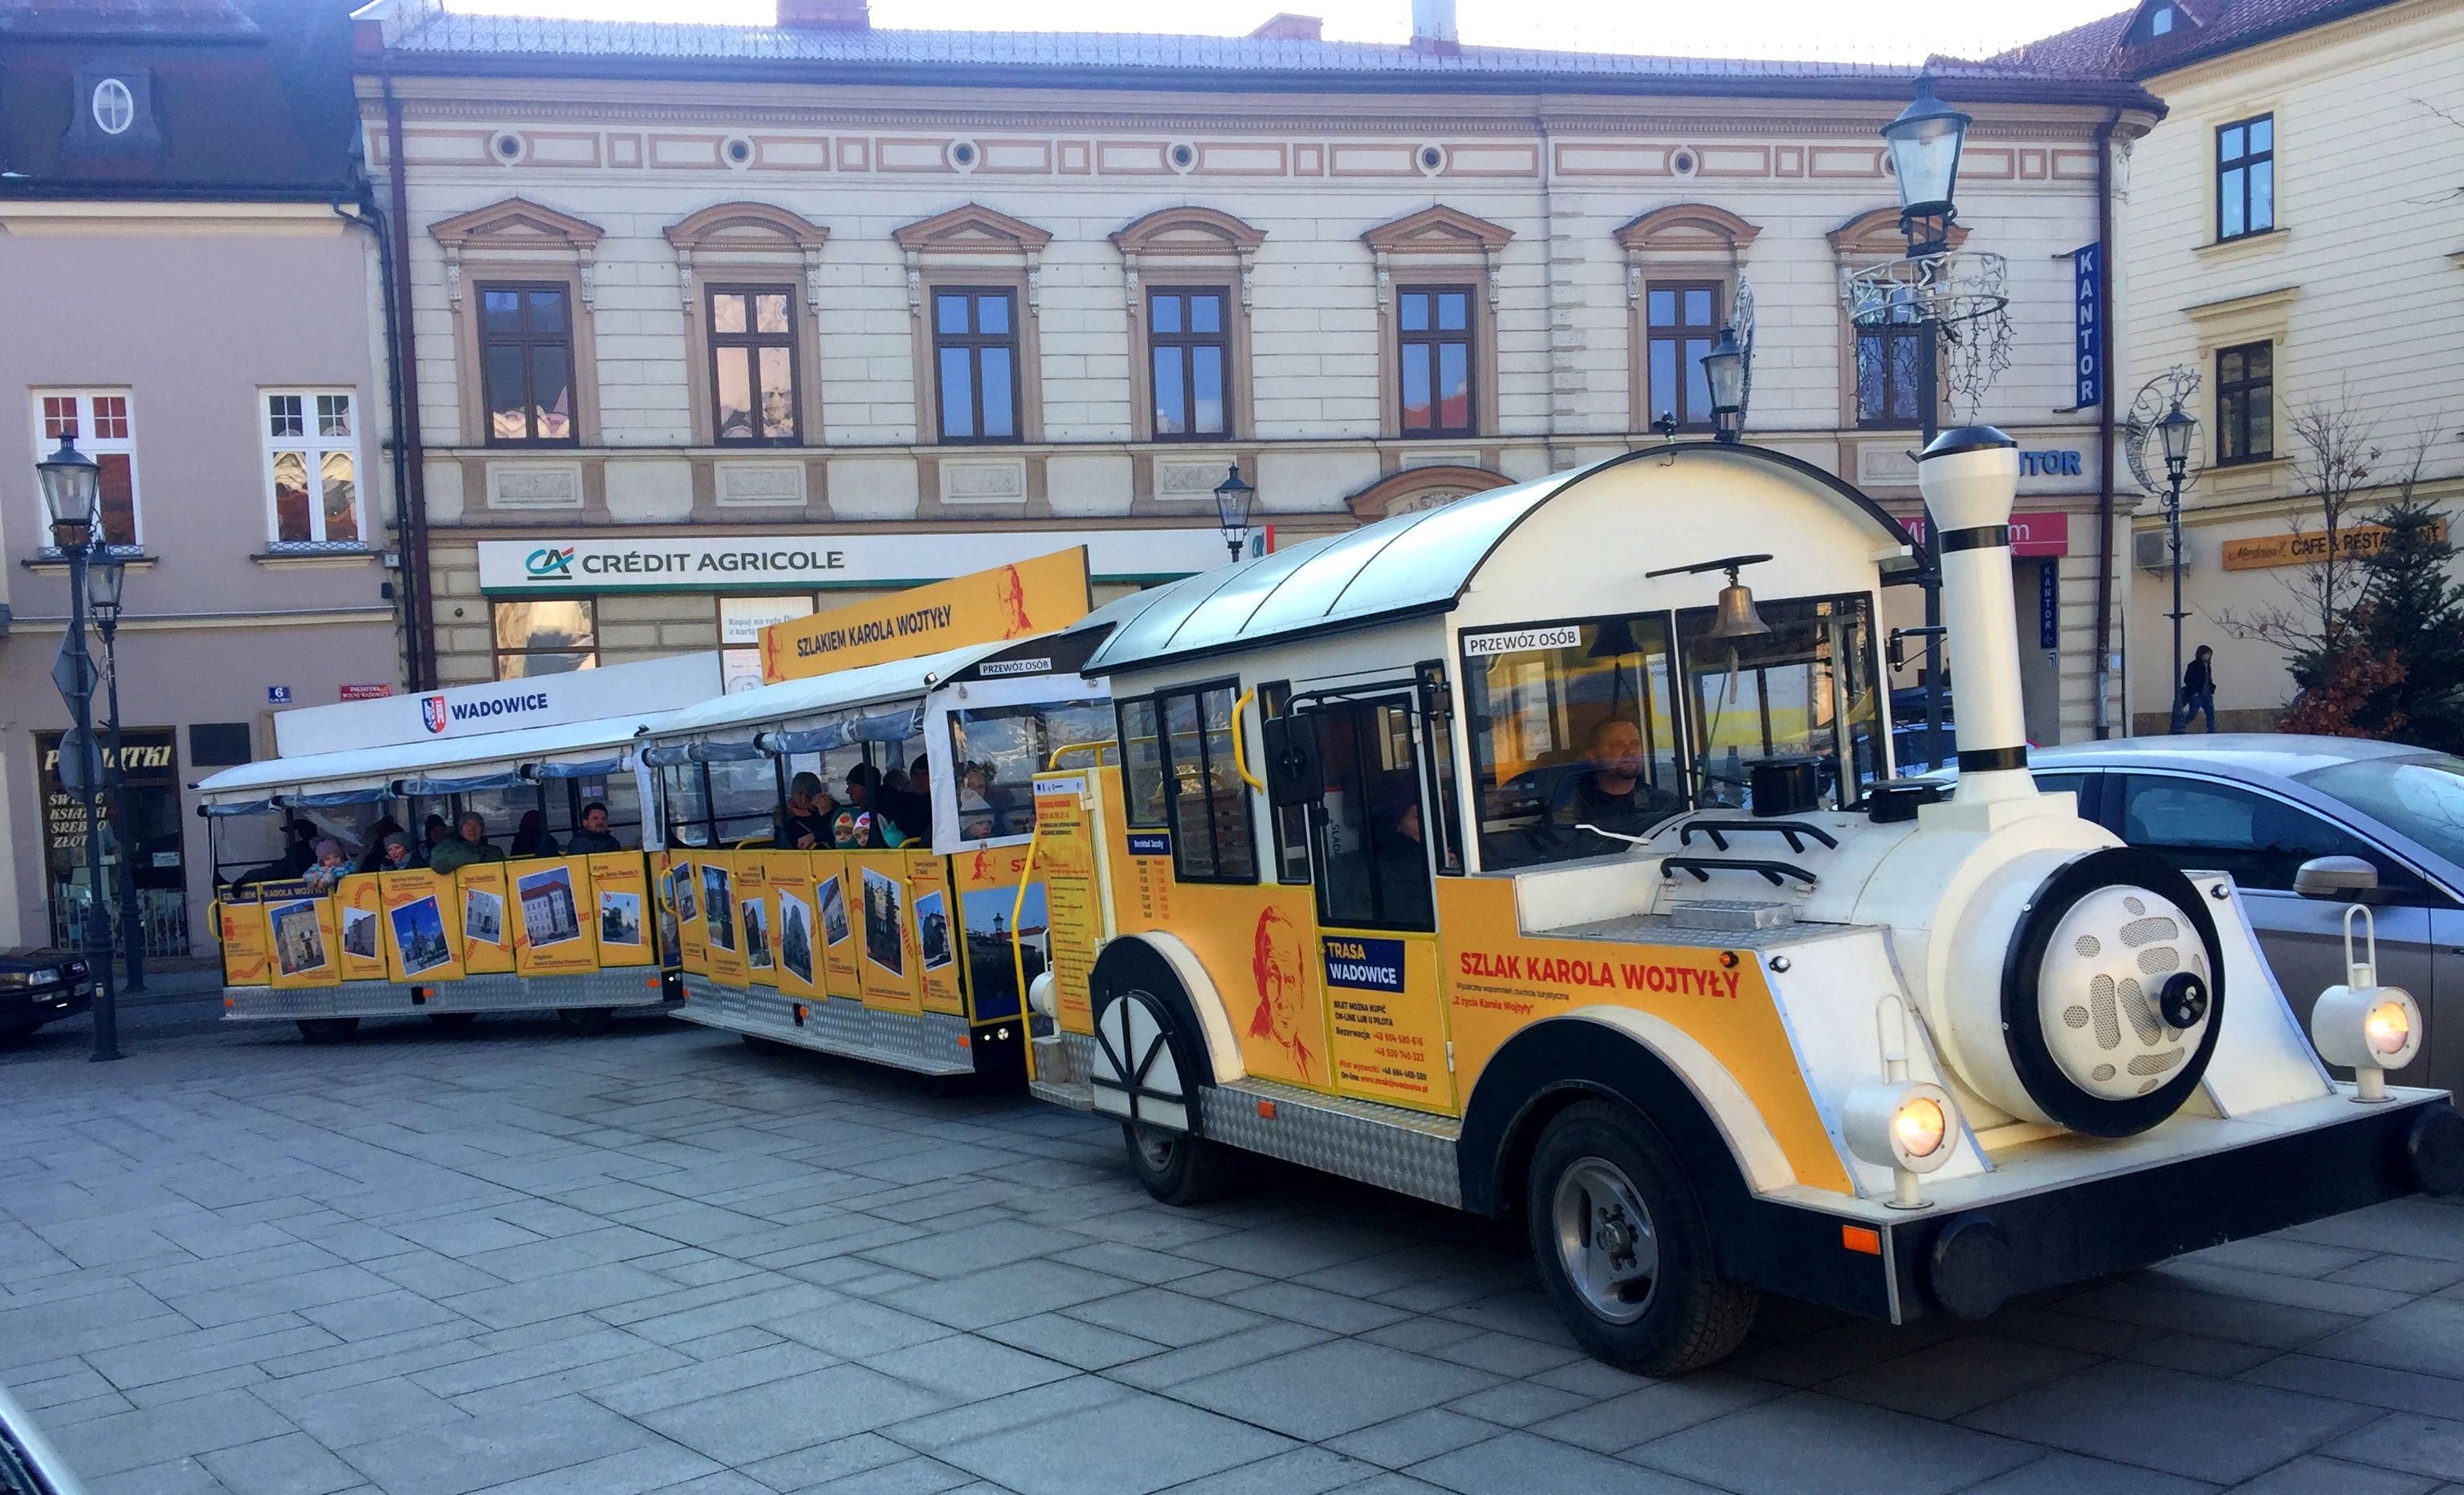 Wycieczki Szlakiem Karola Wojtyły - jeden z trzech ostatnich darmowych wtorków!